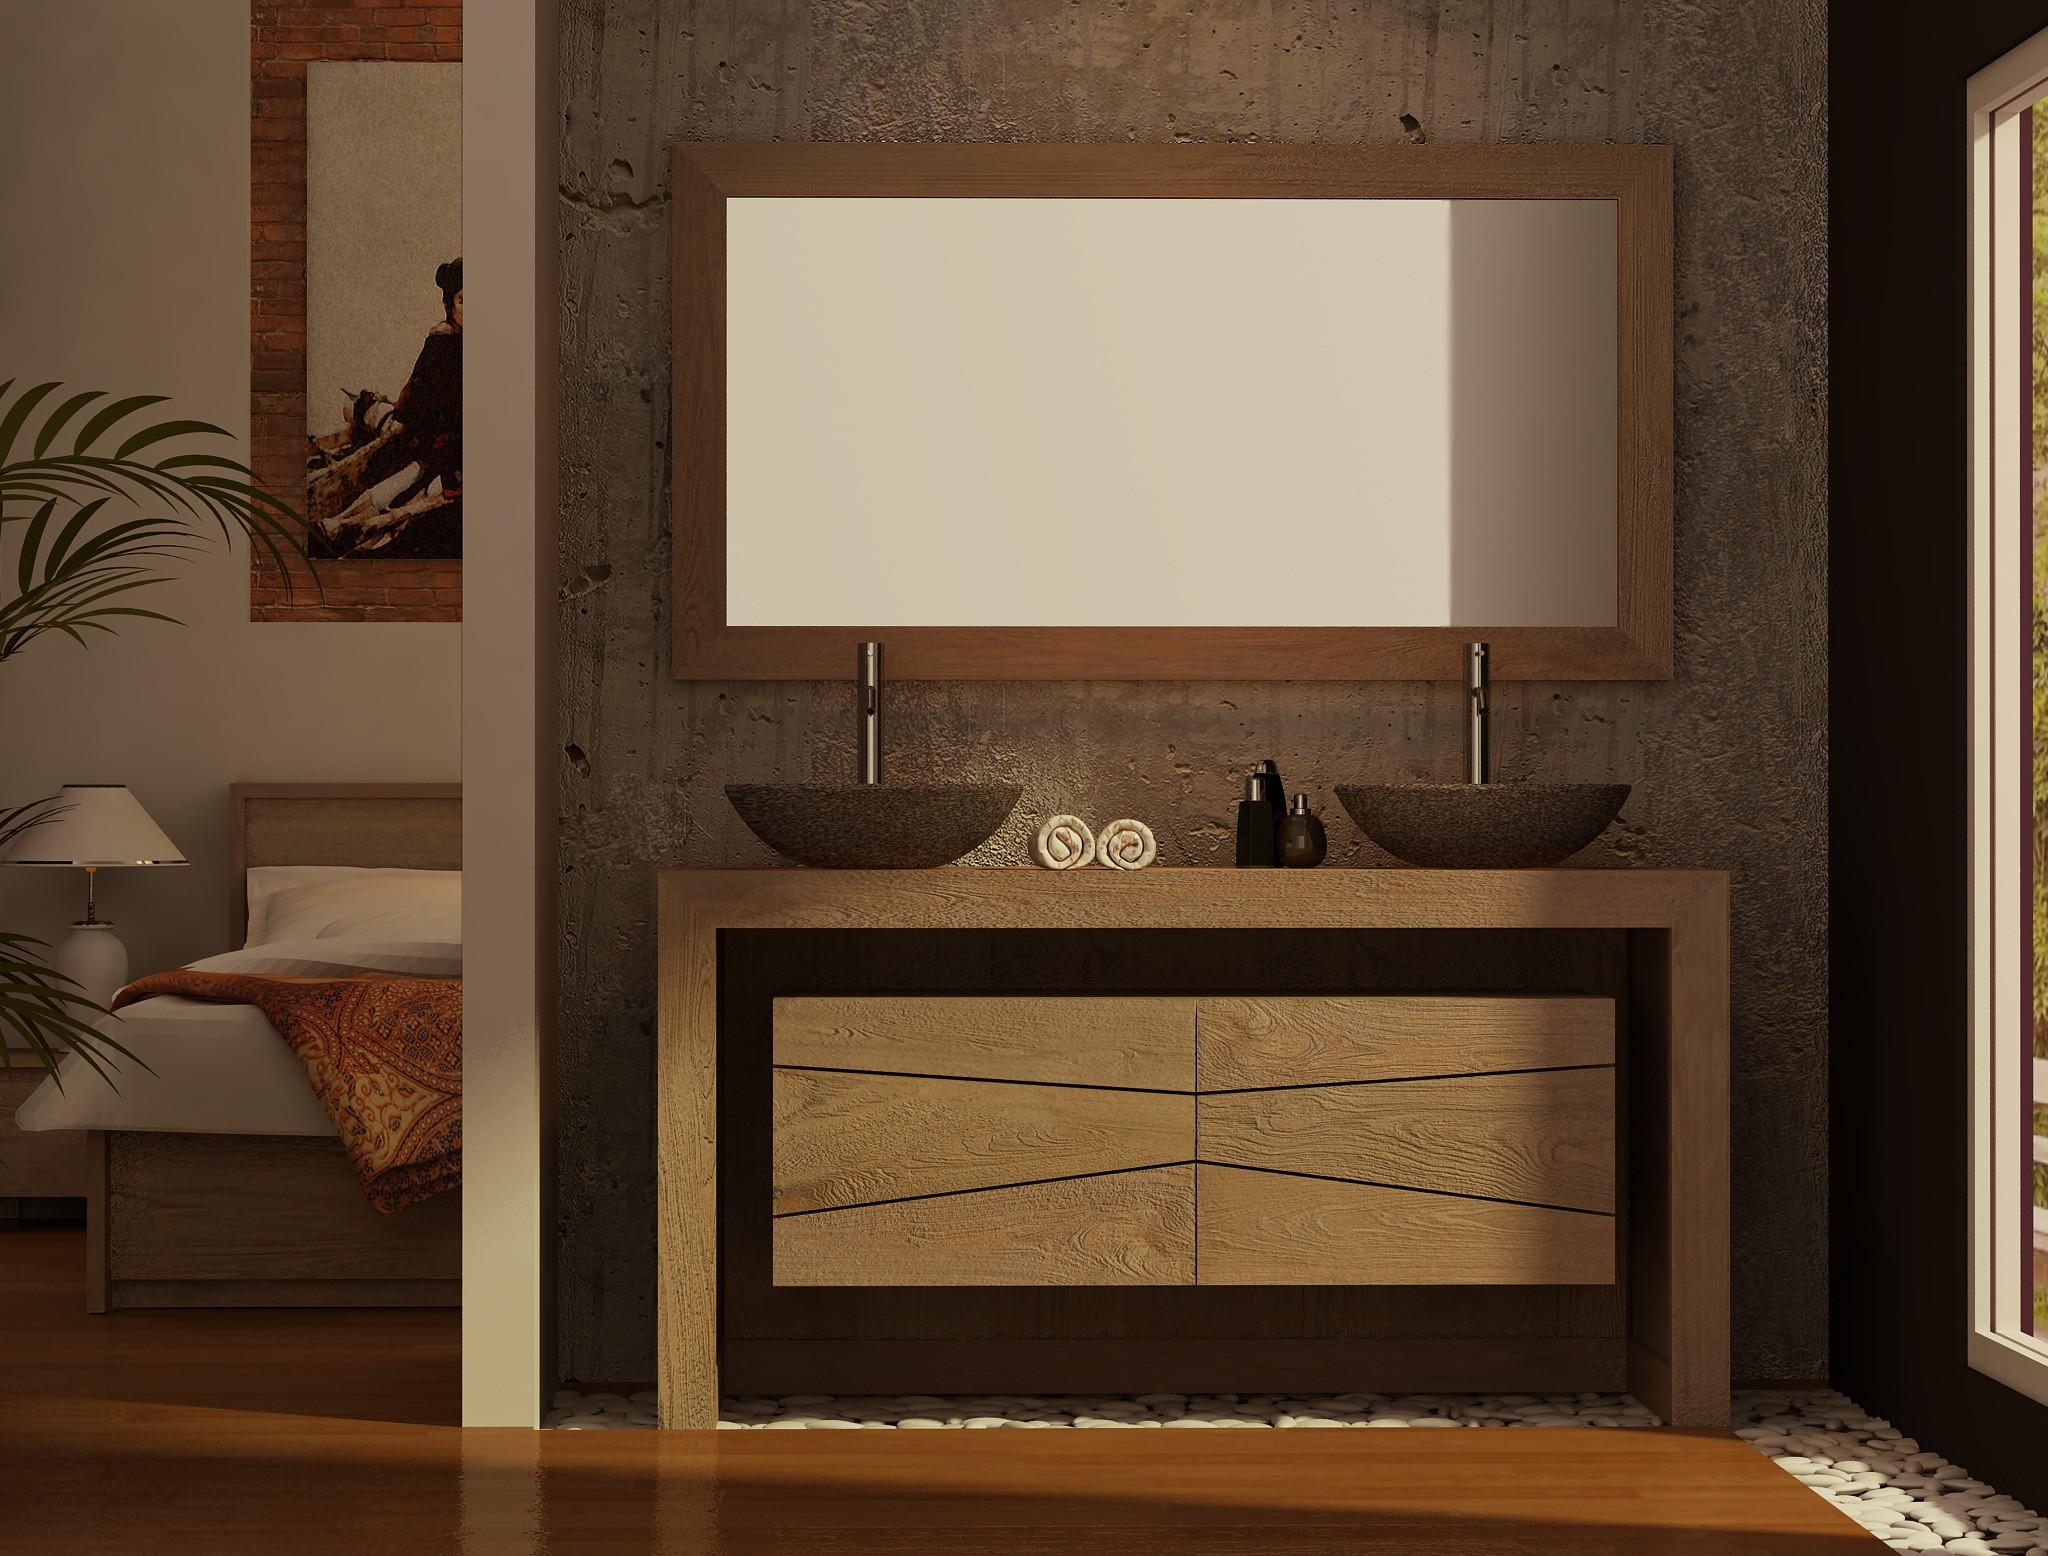 Meuble Teck Double Vasque Sentani Pour Salle De Bain Design Kayumanis